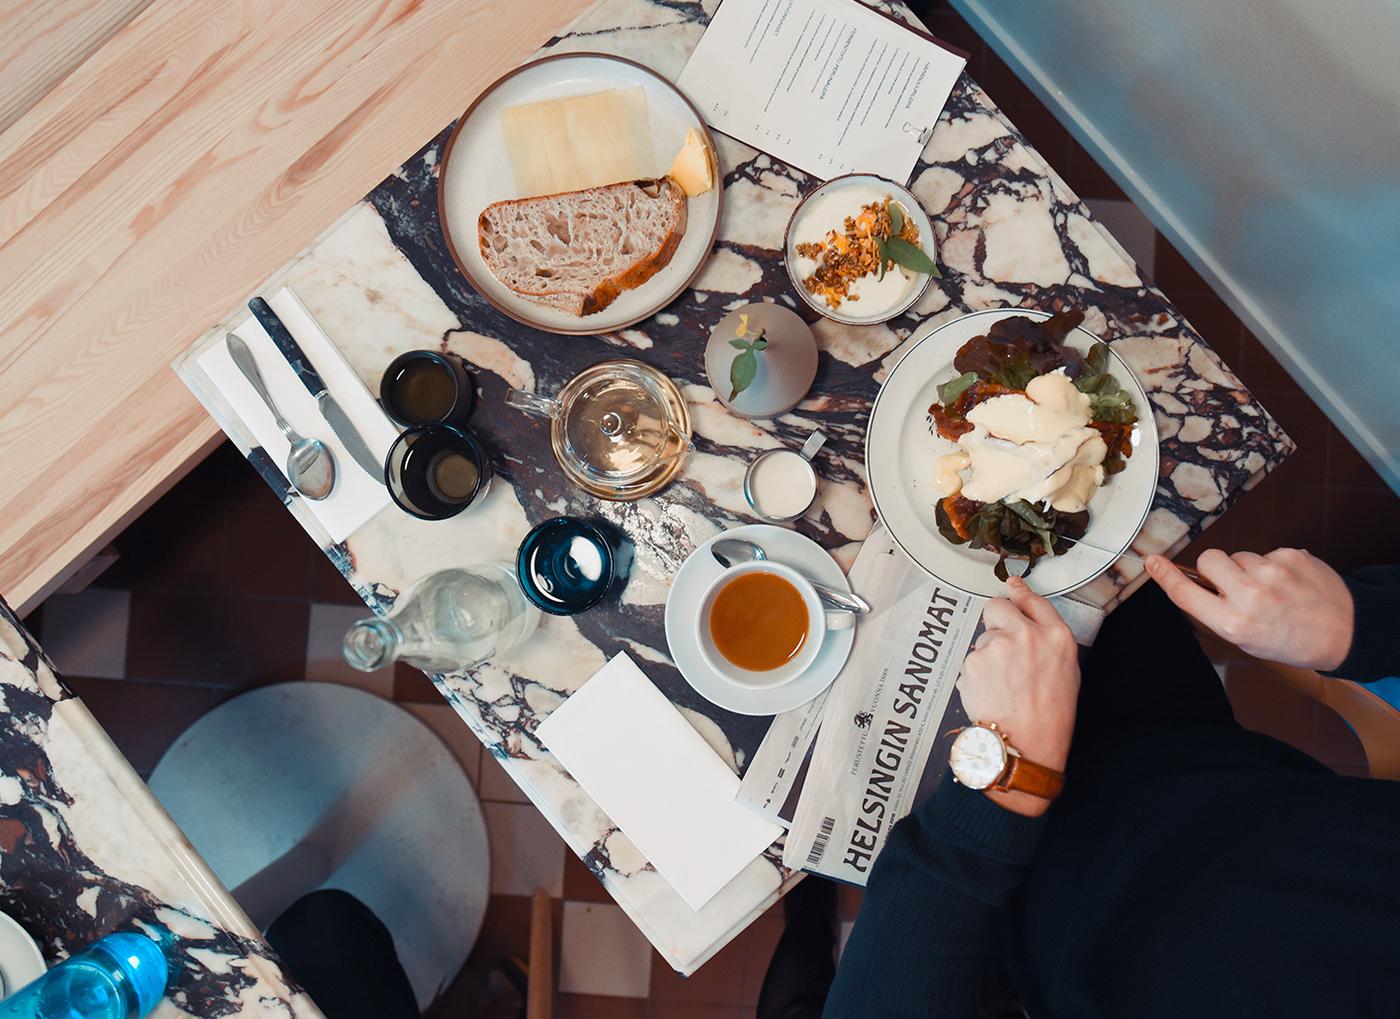 waybakery-aamiainen-sundayblondie-4.jpg